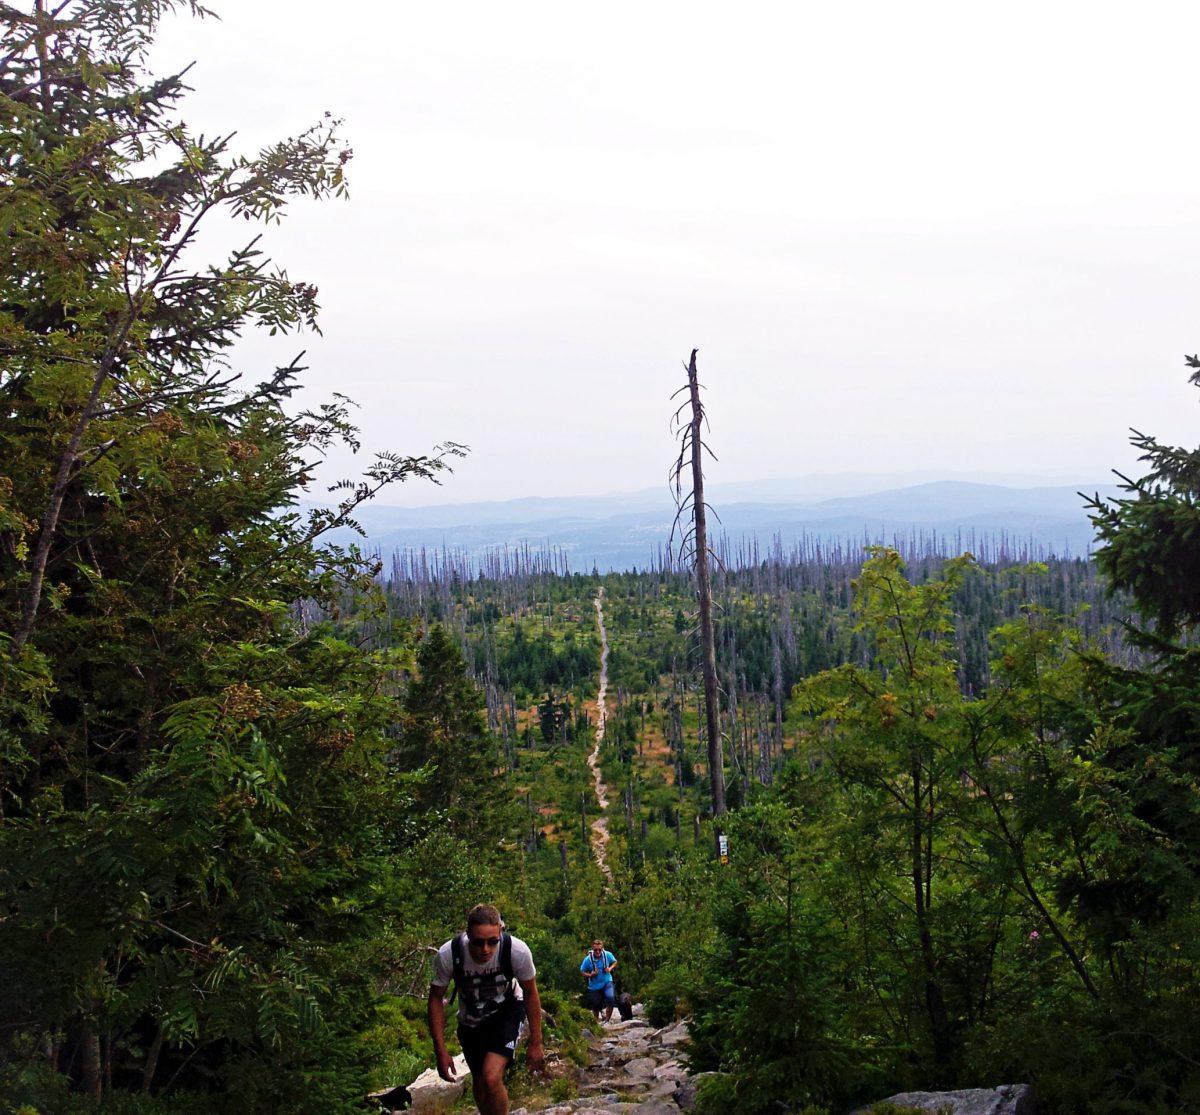 Urlaub Bayerischer Wald - Hotel, Wellness und Wandern im Nationalpark Lusen Nationalpark Bayerischer Wald Himmelsleiter